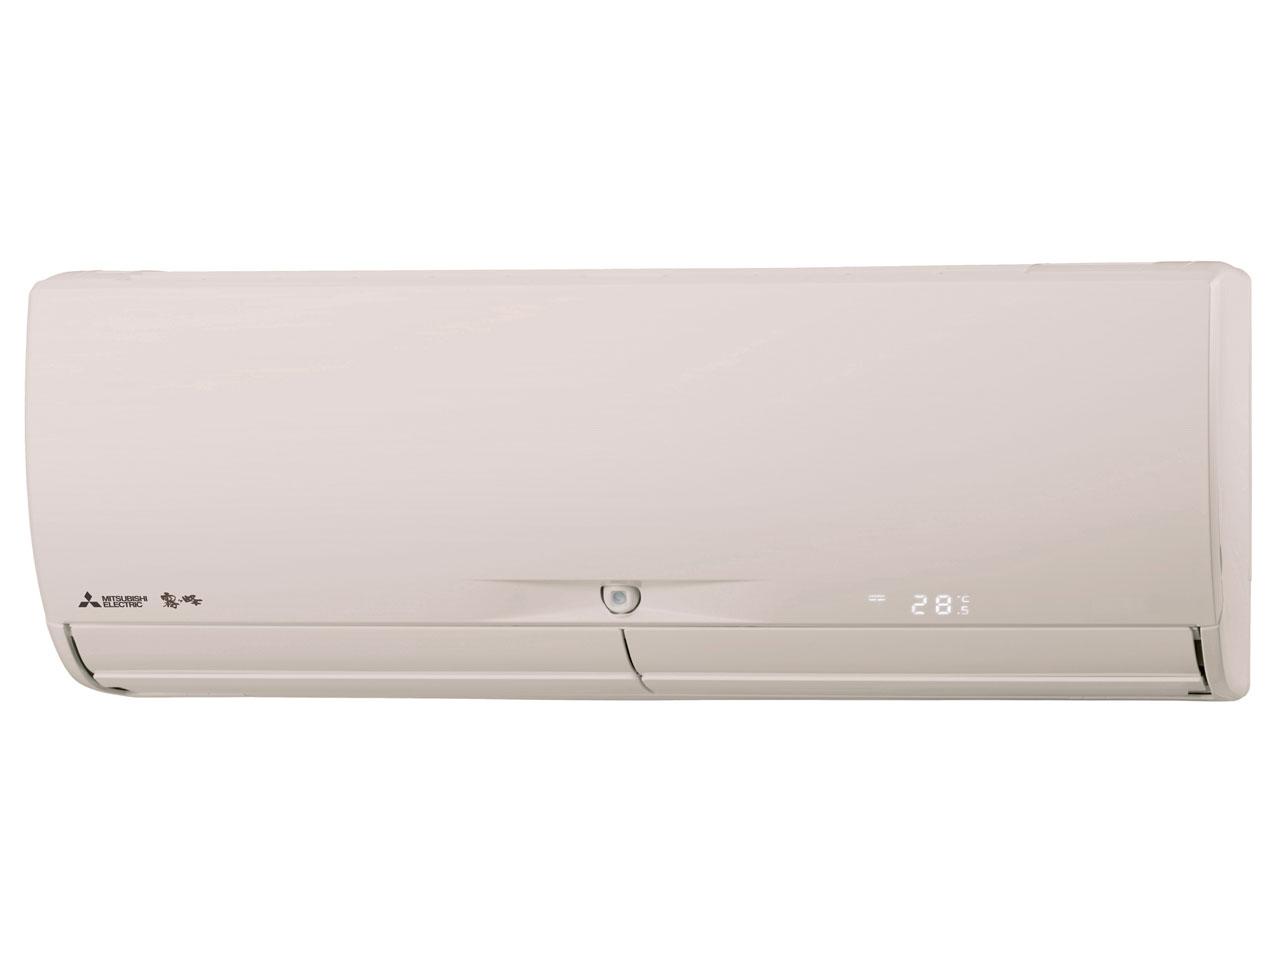 三菱 2018年モデル 霧ヶ峰 JXVシリーズ冷暖房12畳用エアコン200V仕様MSZ-JXV3618S-T